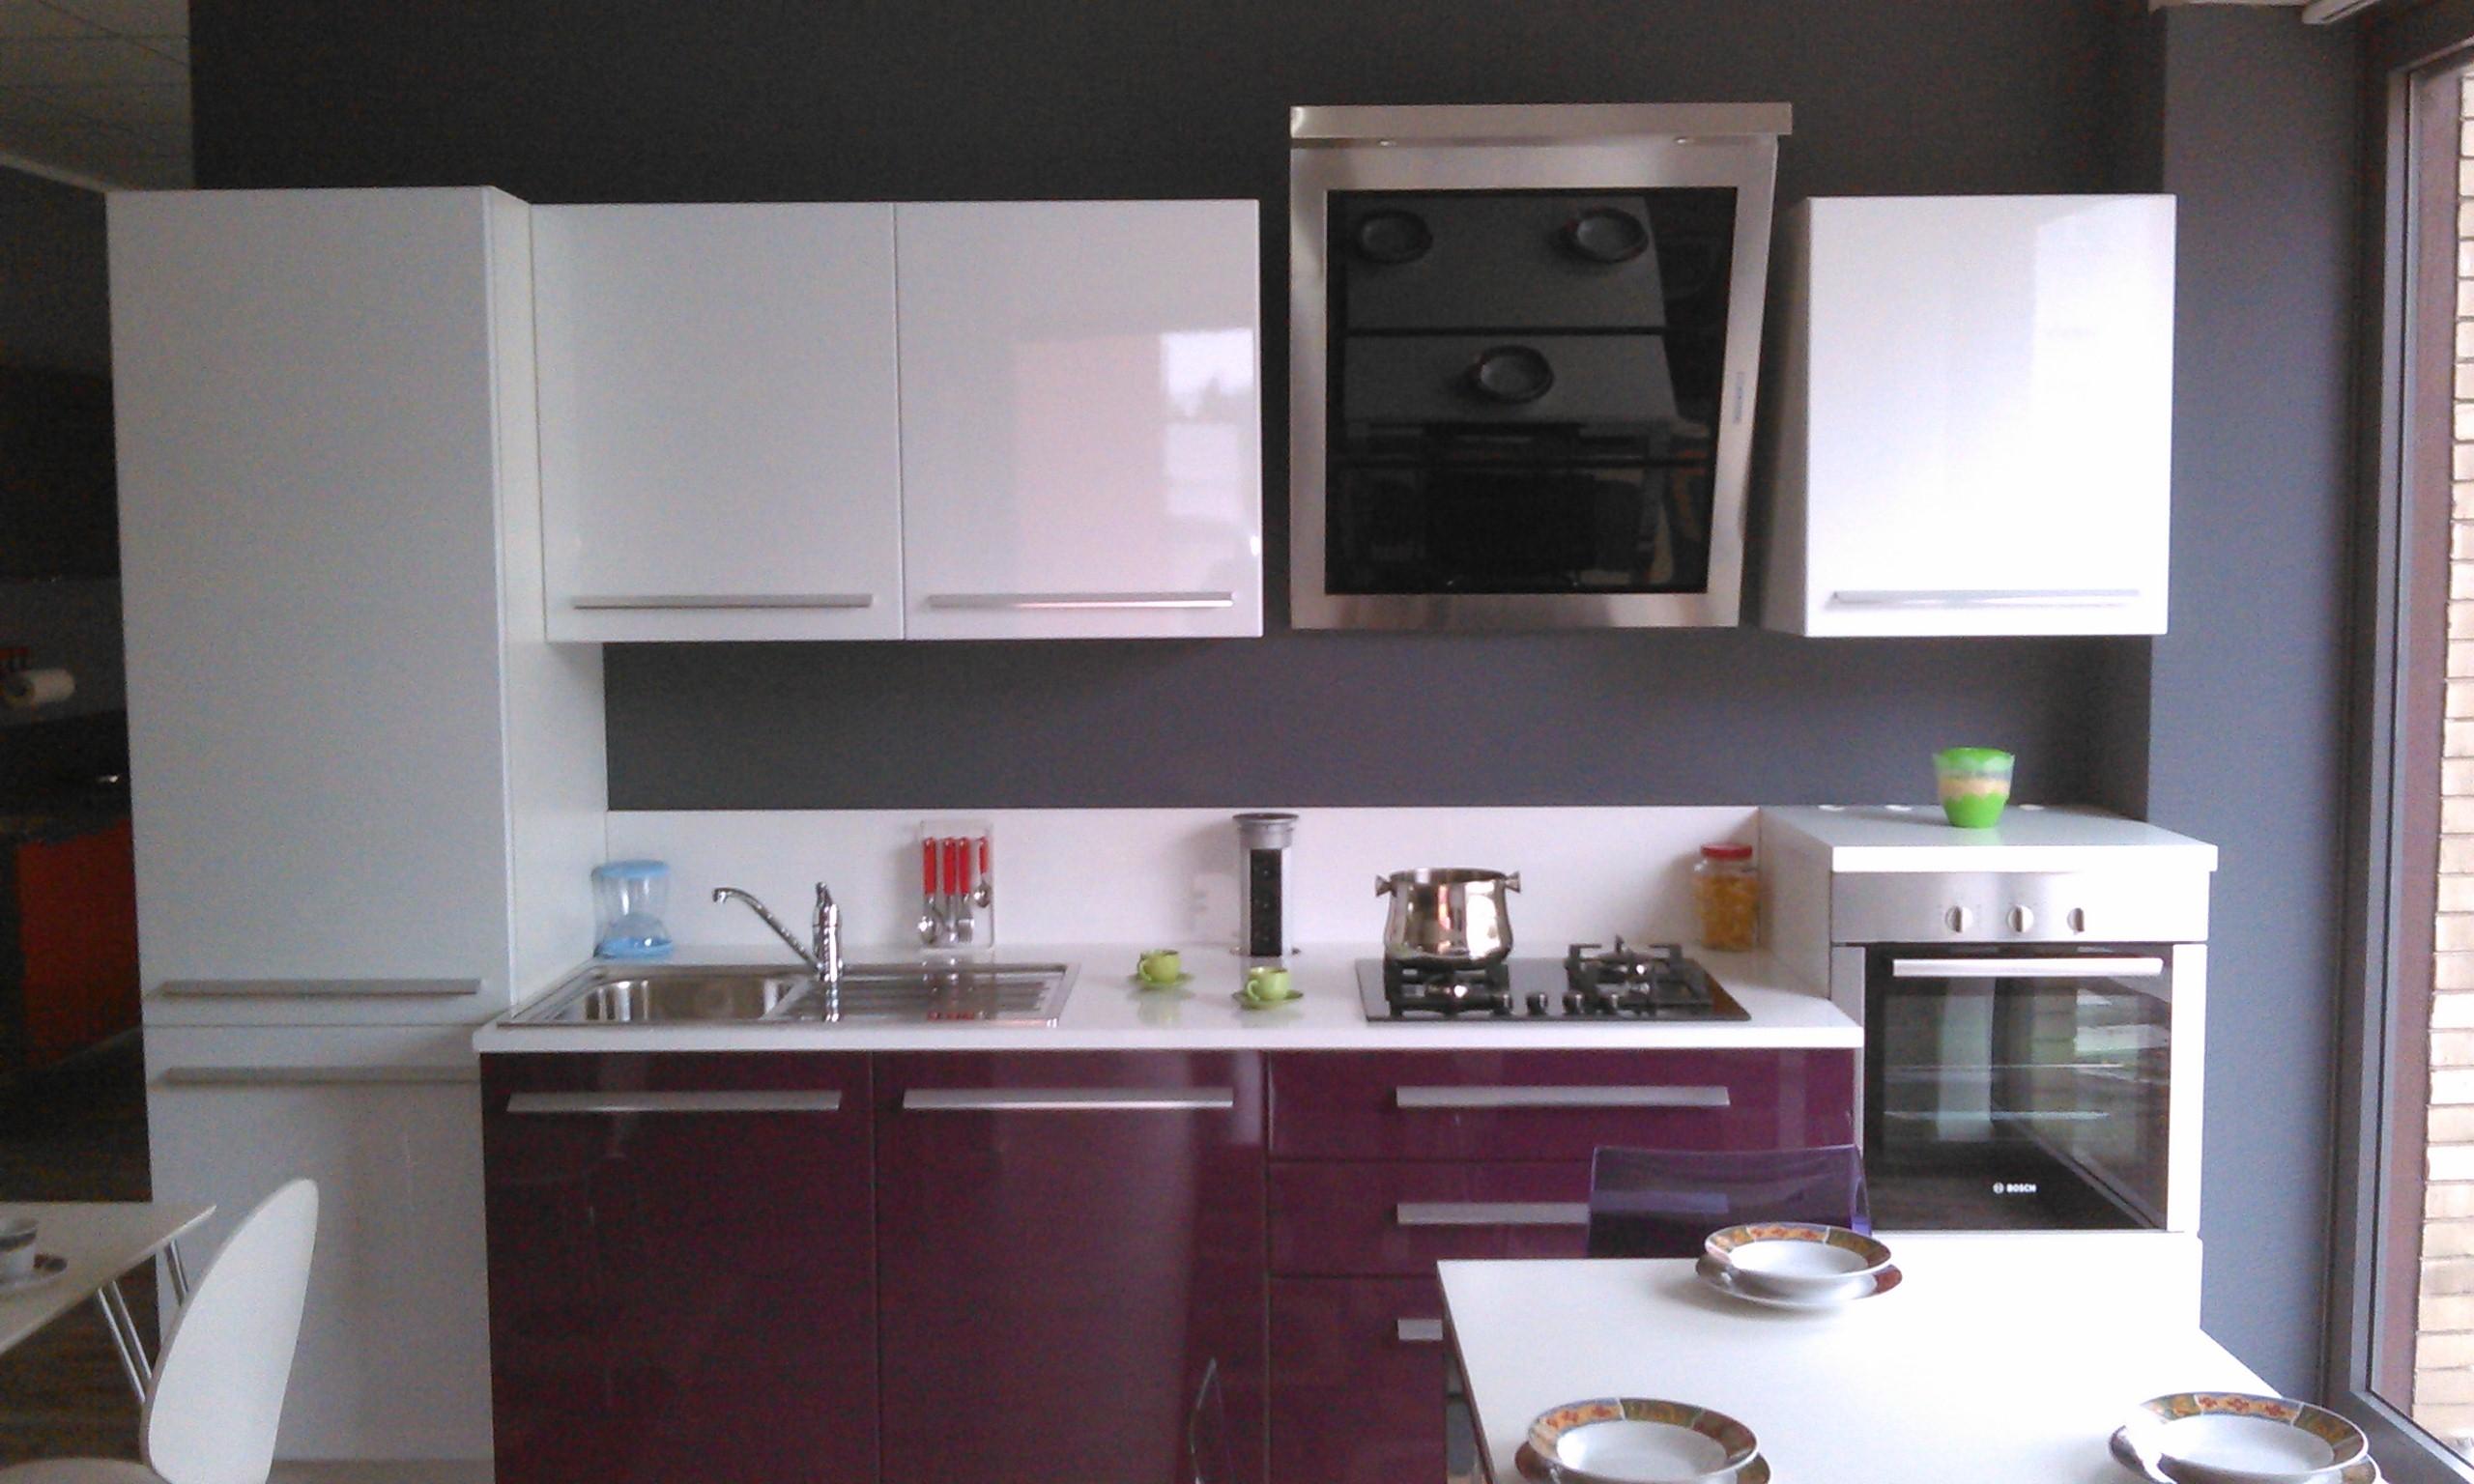 Stunning melanzana bianca cucina gallery embercreative - Cucina color melanzana ...